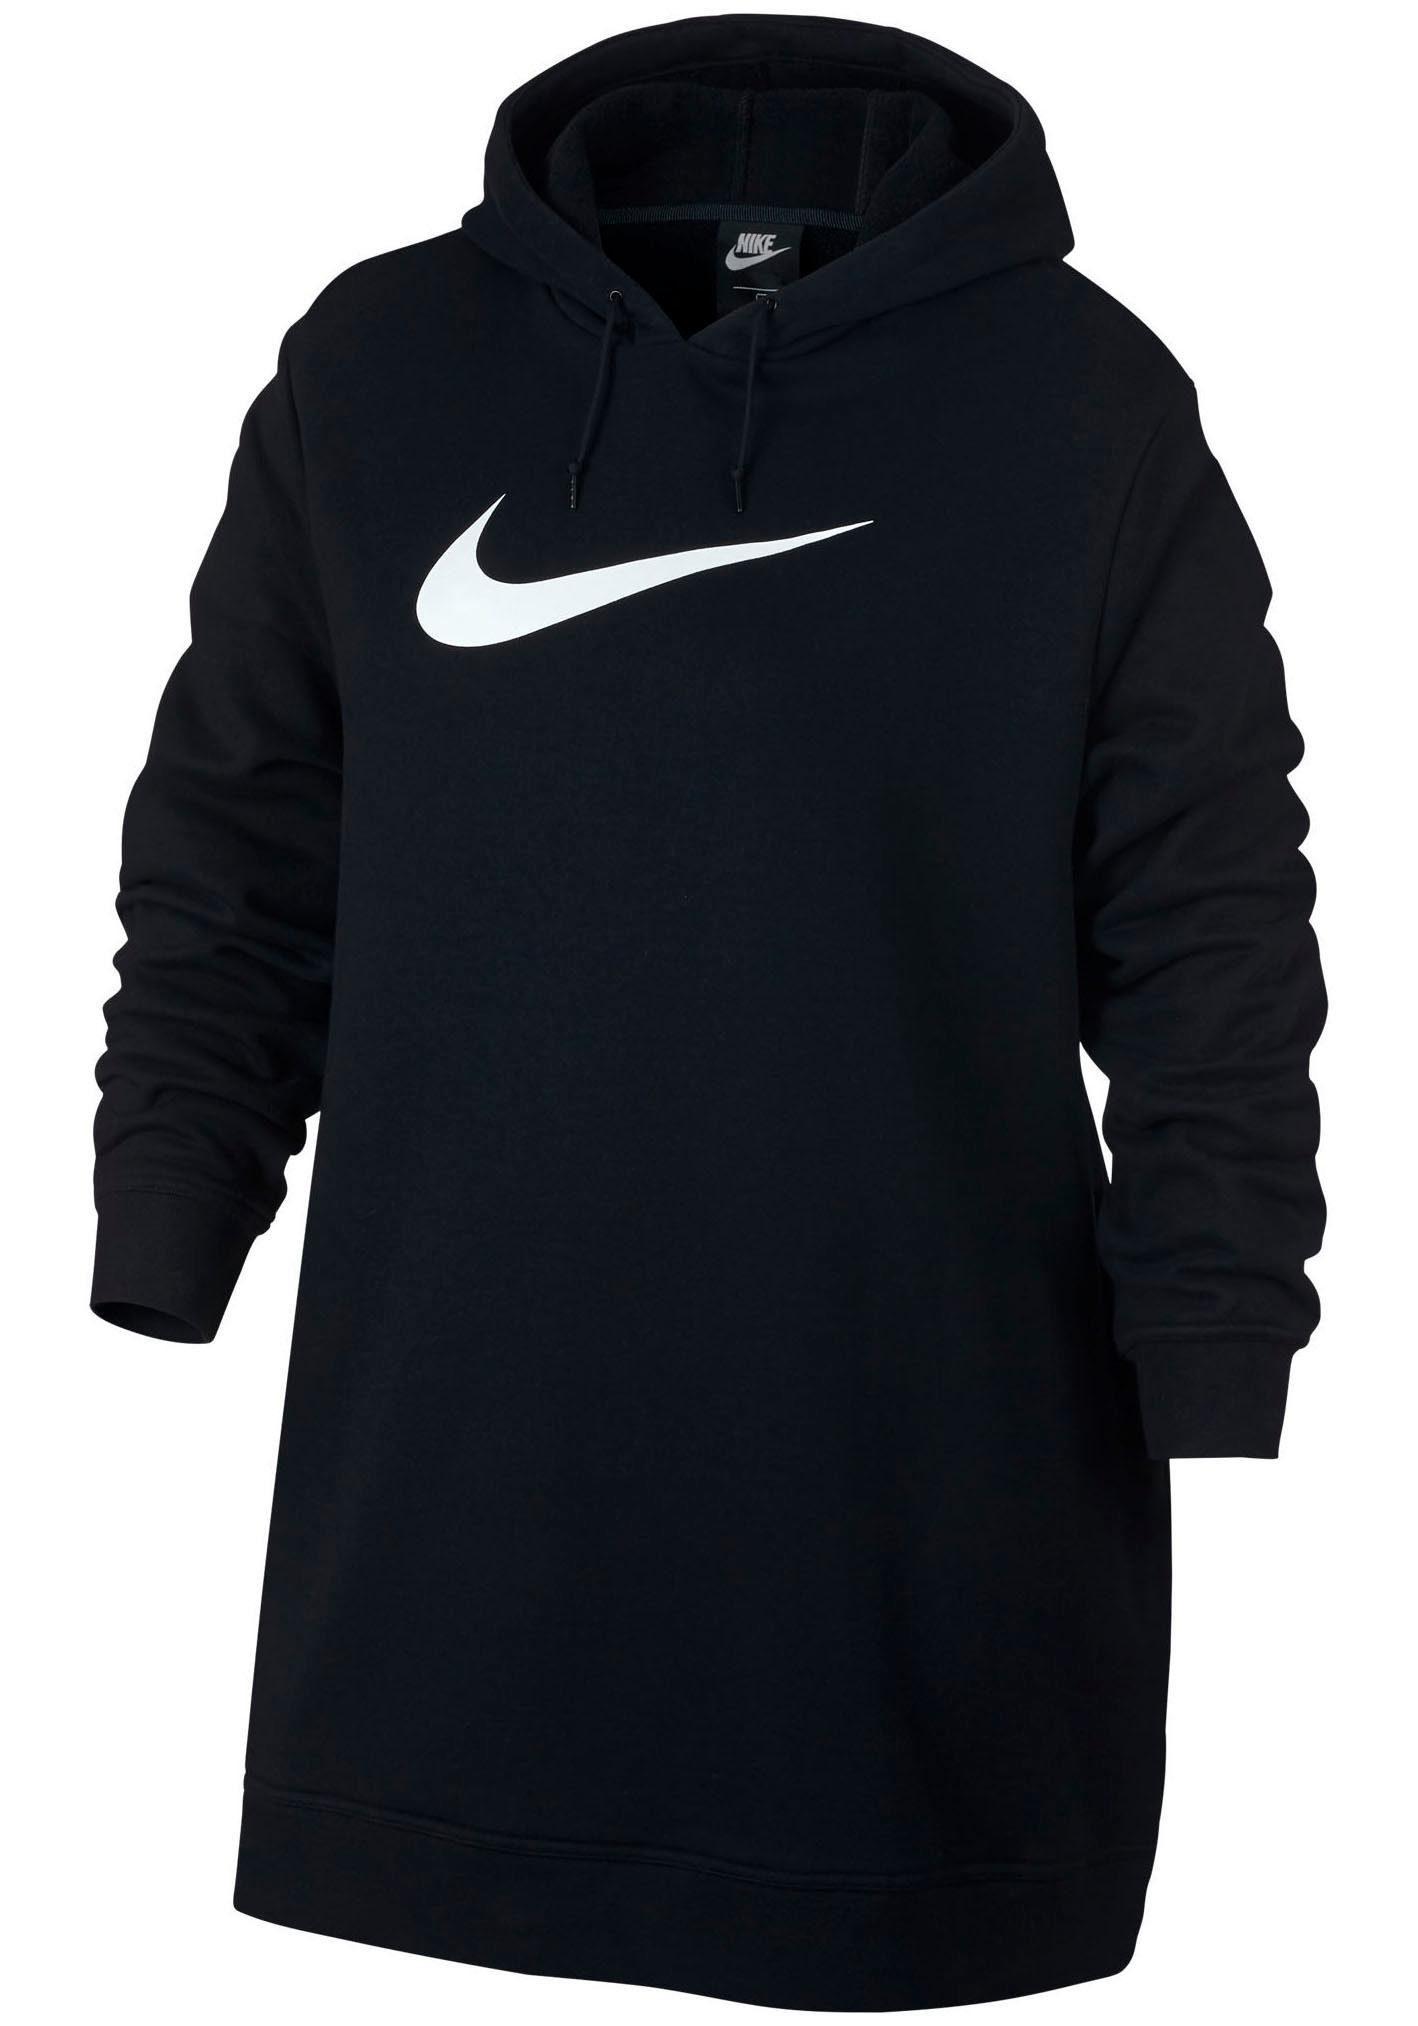 Nike Sportswear Sweatkleid »WOMEN NIKE SPORTSWEAR SWOOSH HOODIE OS FRENCHTERRY PLUS SIZE« Große Größen online kaufen | OTTO